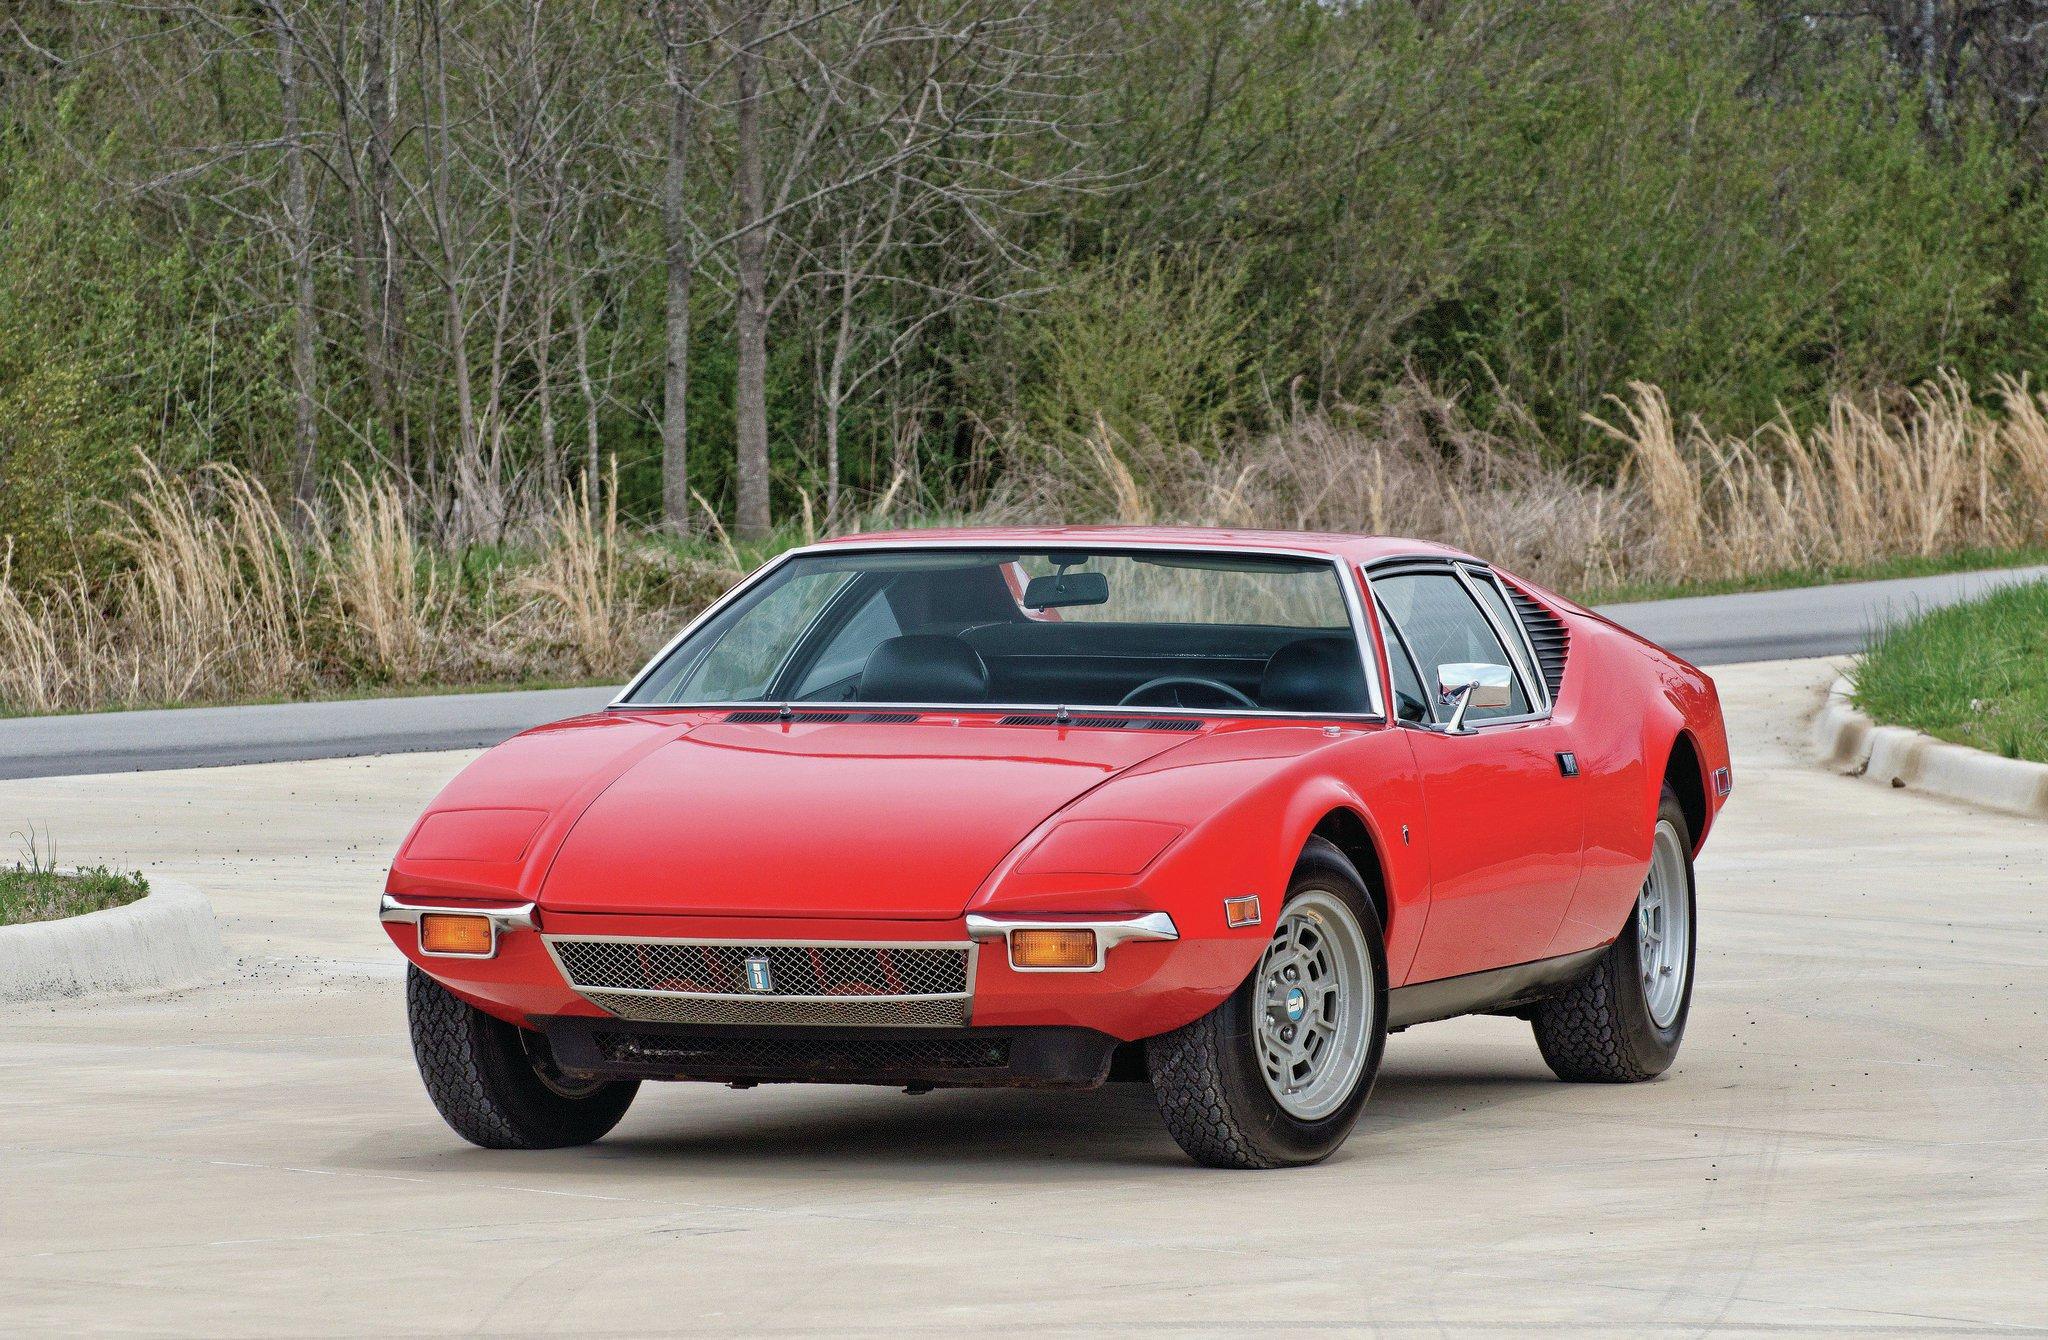 1972 De Tomaso Pantera Promo